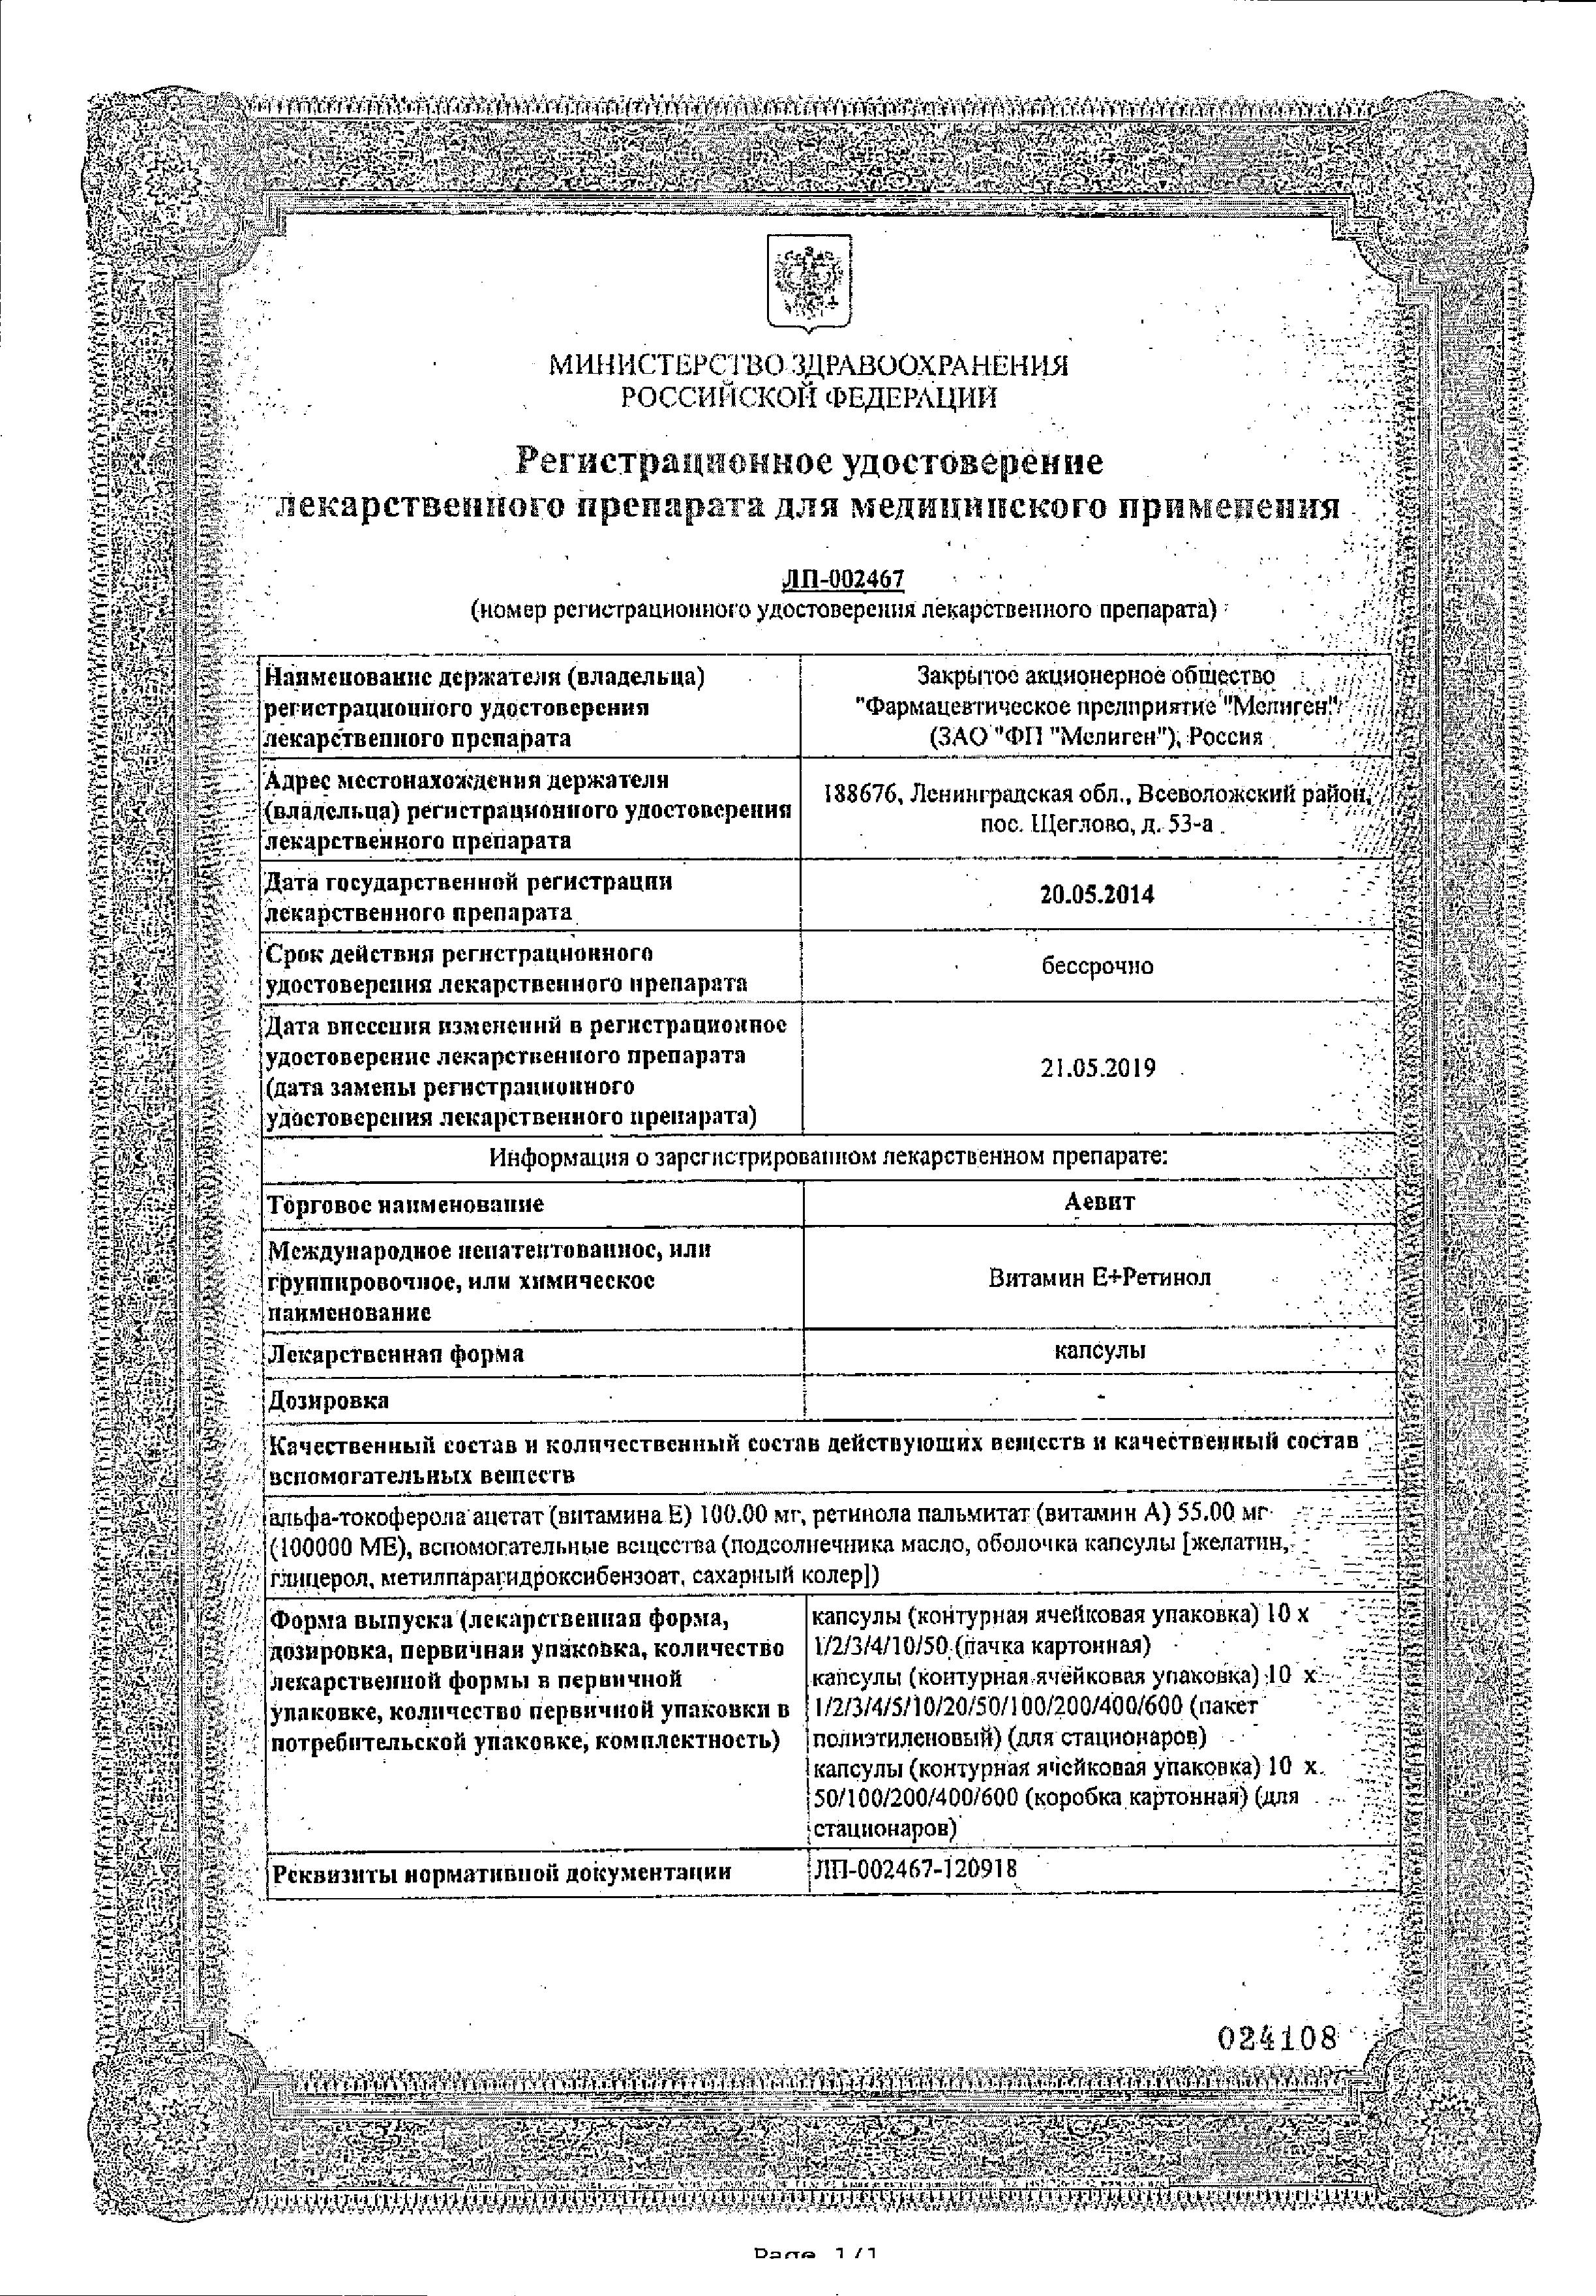 Аевит Мелиген сертификат